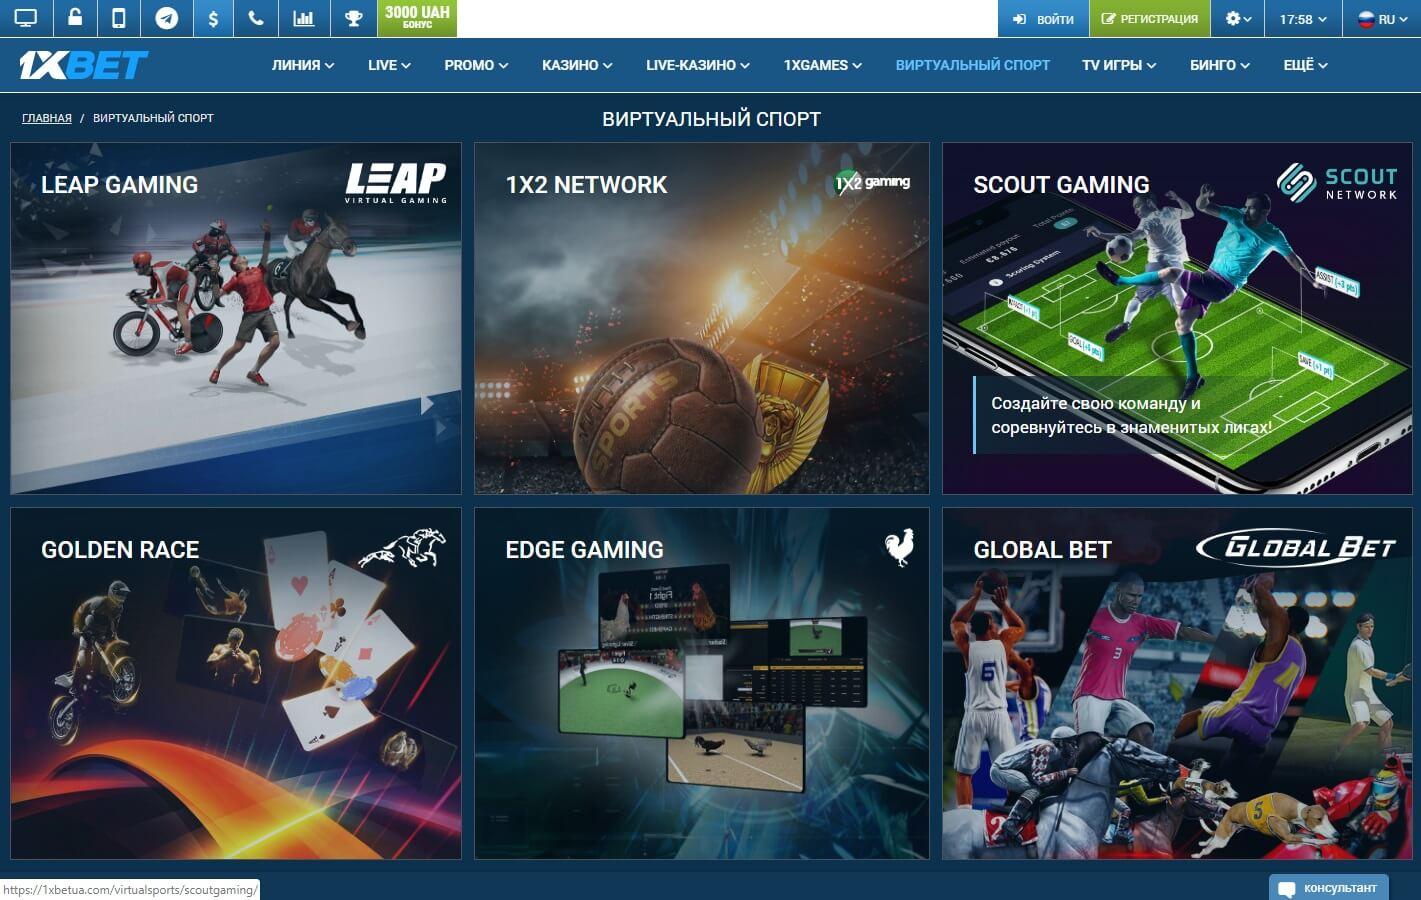 виртуальный спорт в бк икс бет